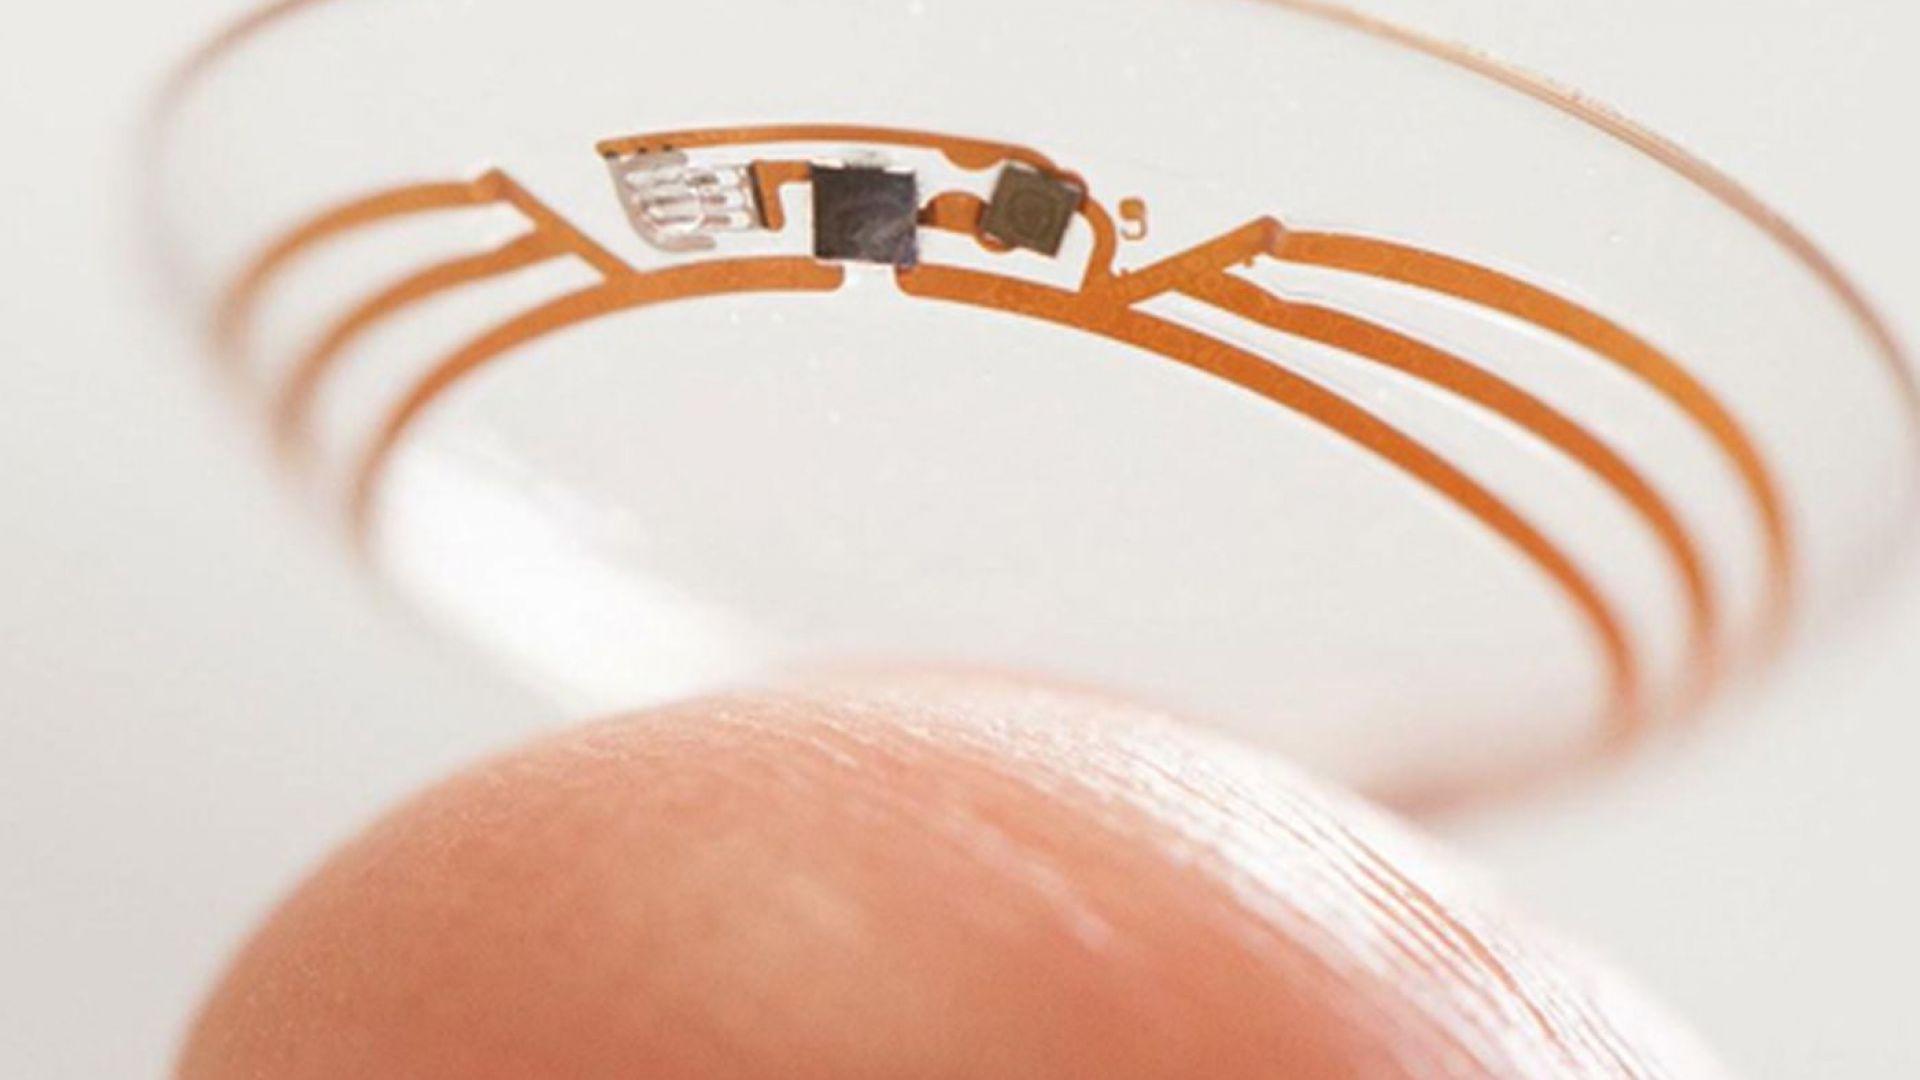 Създадоха революционни контактни лещи